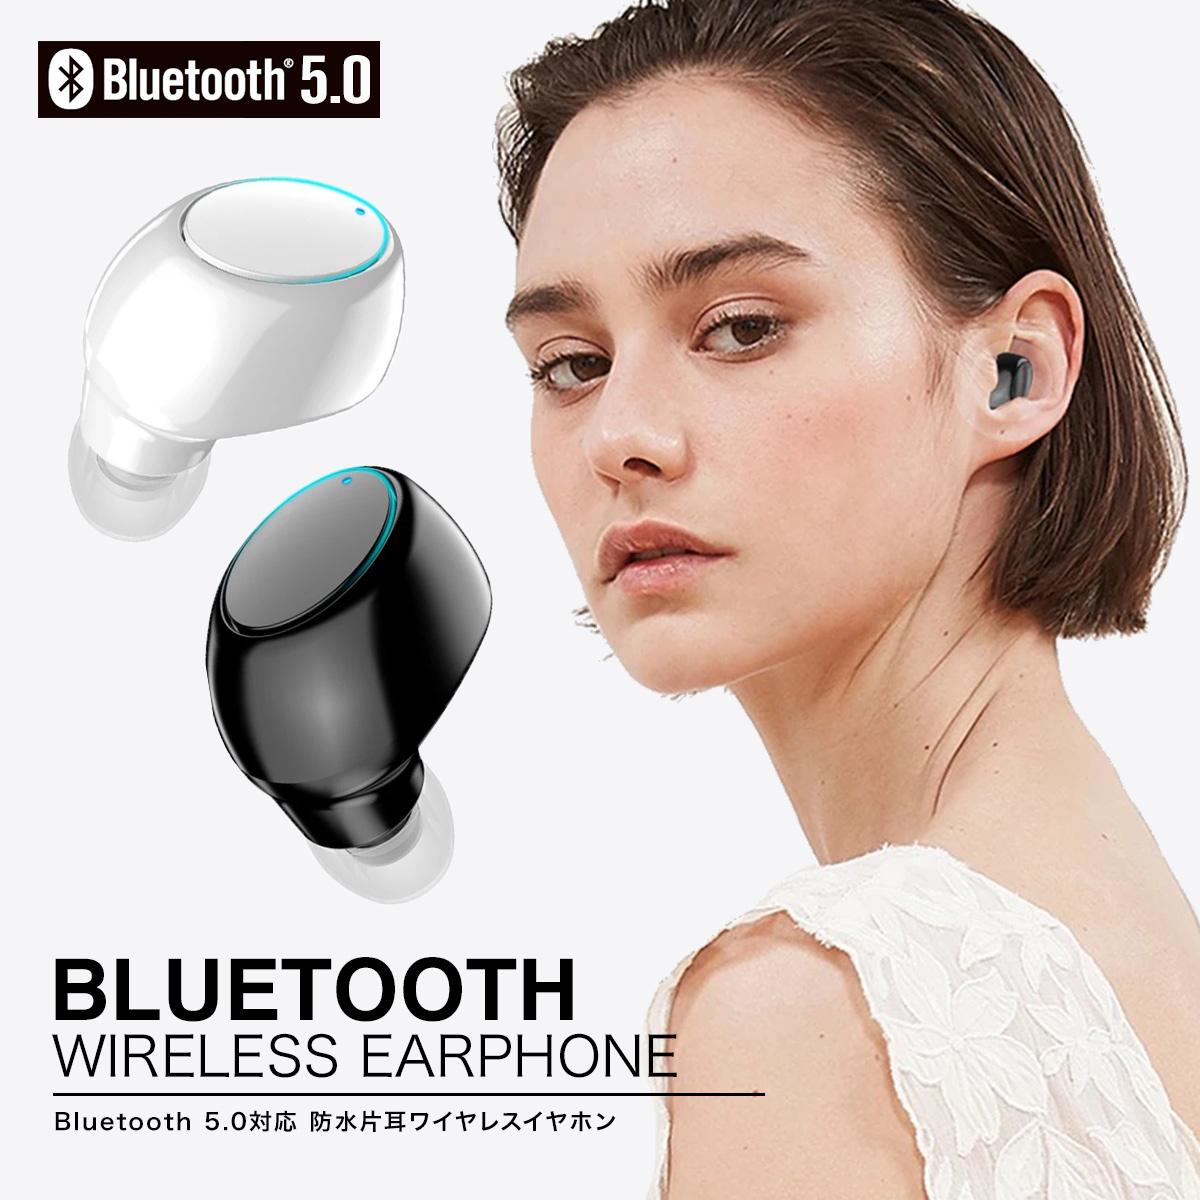 Bluetooth 5.0 ワイヤレス イヤホン ブルートゥース アイフォン 今季も再入荷 アンドロイド スマホ ワイヤレスイヤホン イヤフォン 防水 高音質 日本語説明書 日本産 片耳 カナル型 android 超小型 iPhone IPX5 超軽量 ヘッドホン